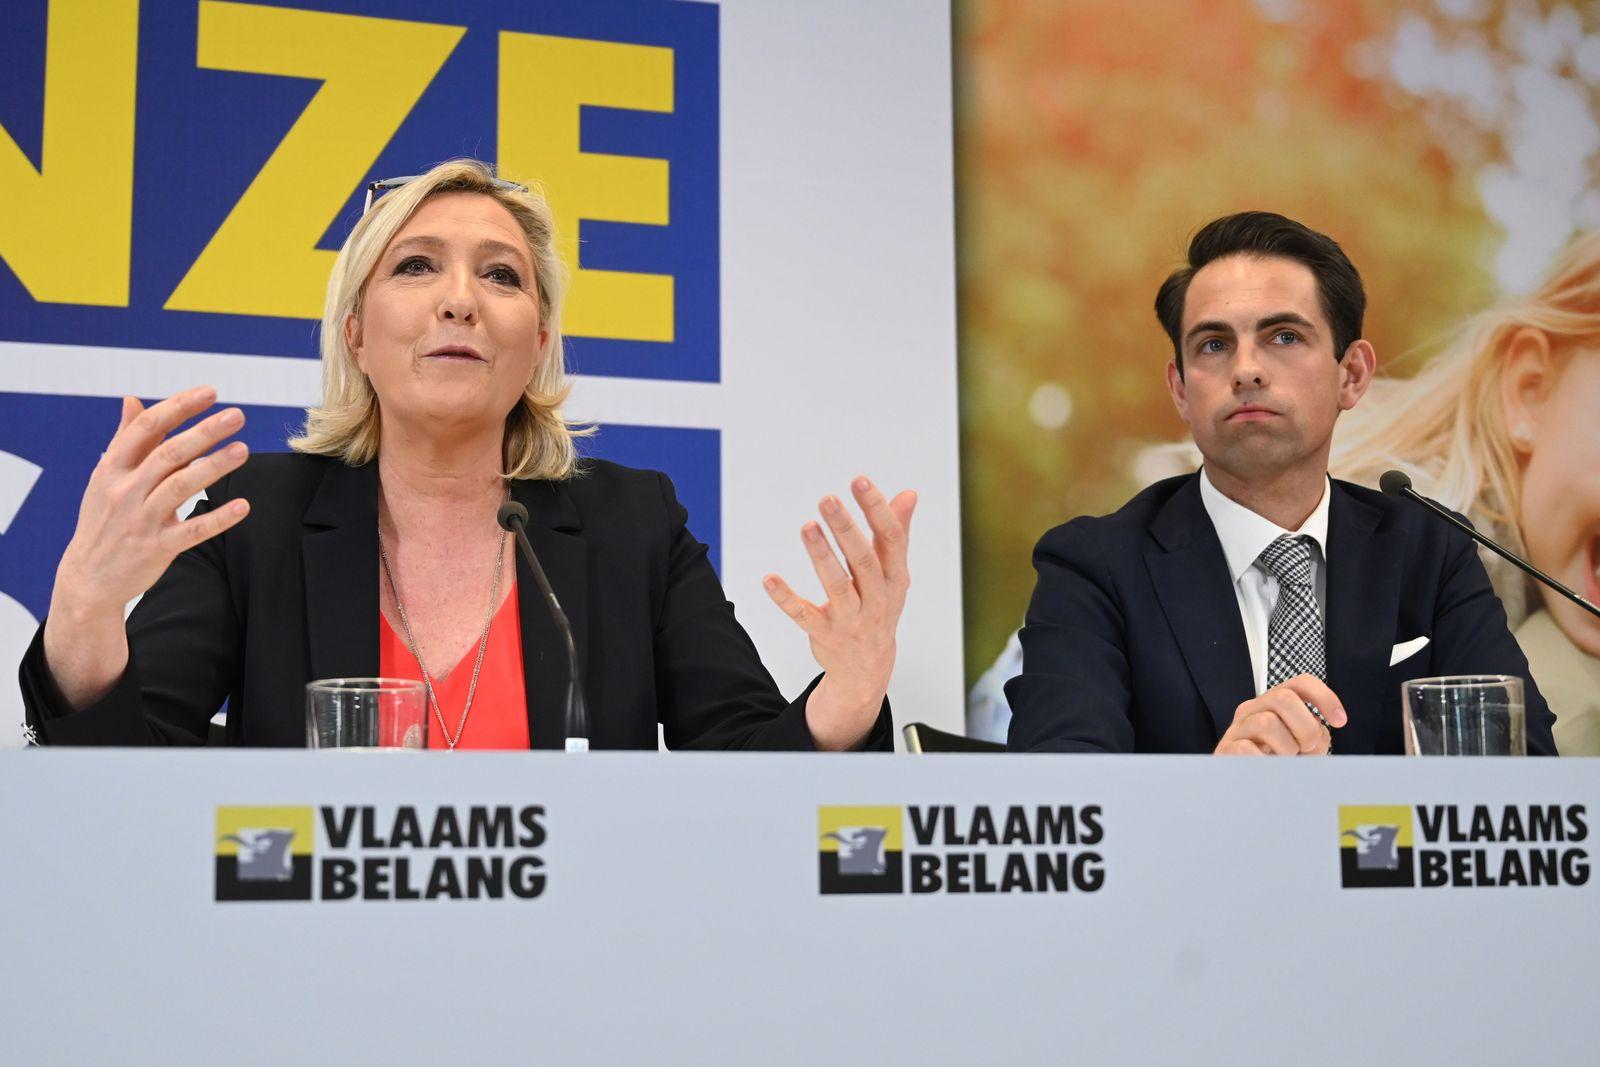 Marine Le Pen / Tom Van Grieken